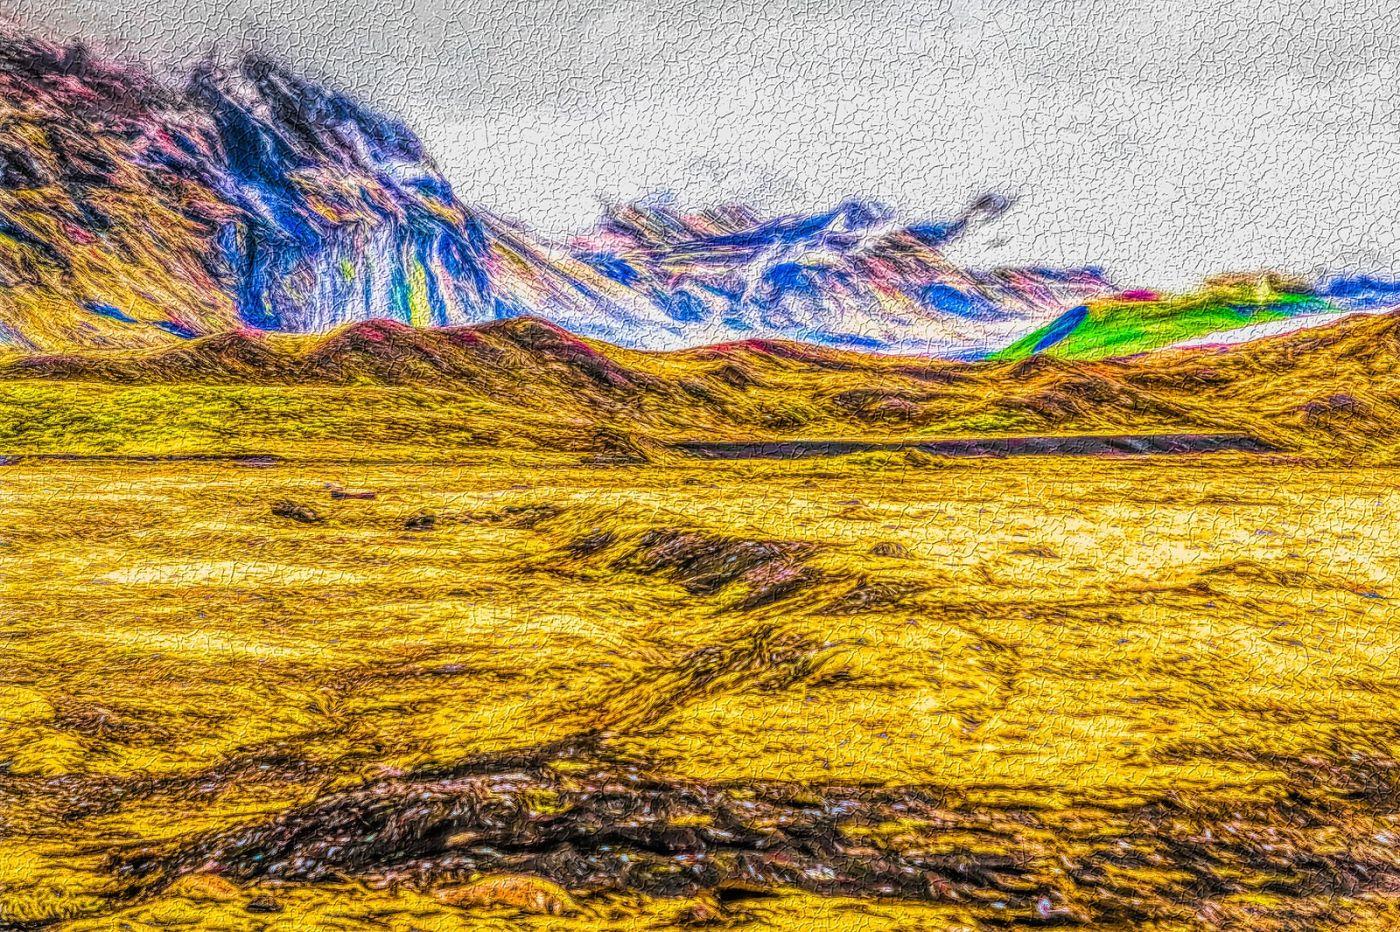 冰岛风采,新的感觉_图1-8